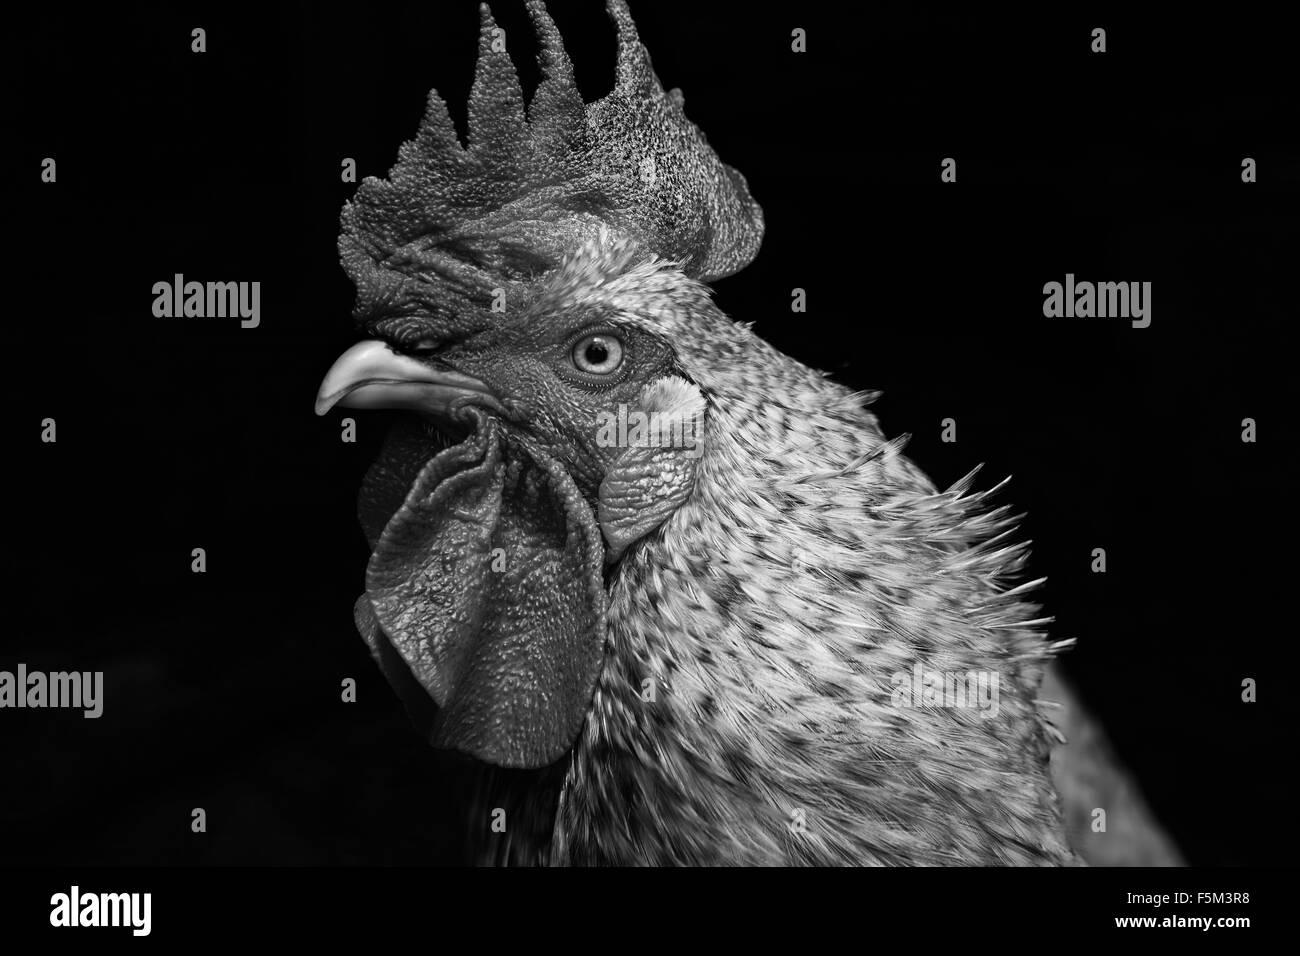 Ritratto in bianco e nero di gallo cercando lateralmente Immagini Stock